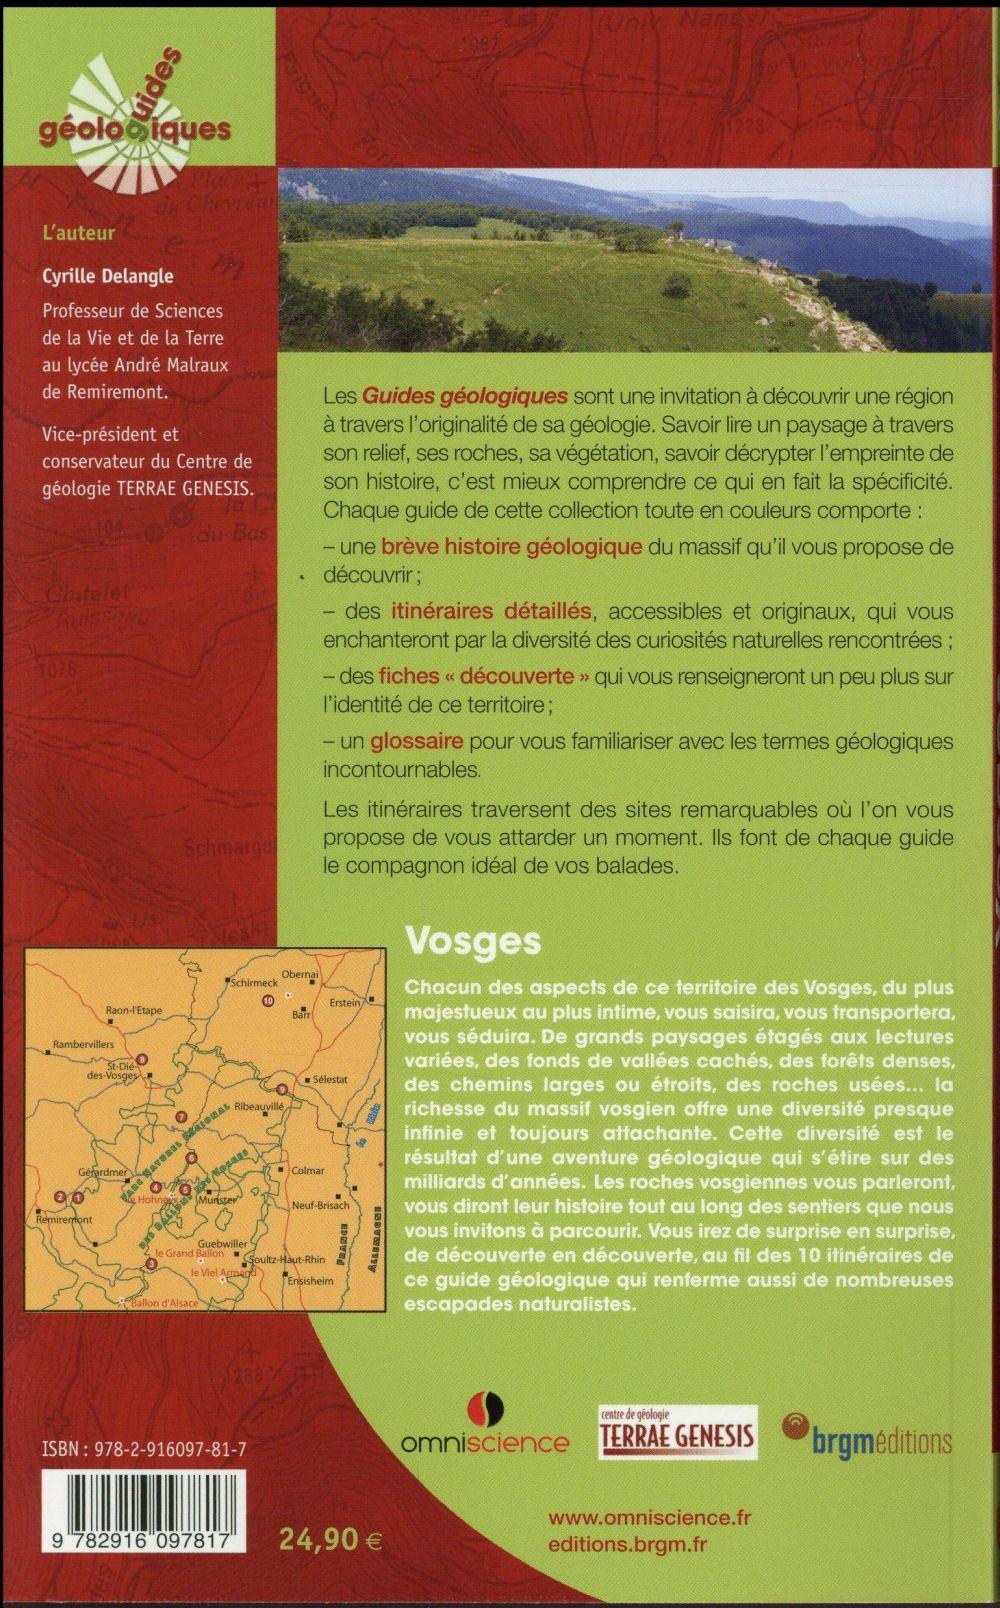 Vosges ; 10 itinéraires de randonnée détaillés ; 10 fiches découvertes